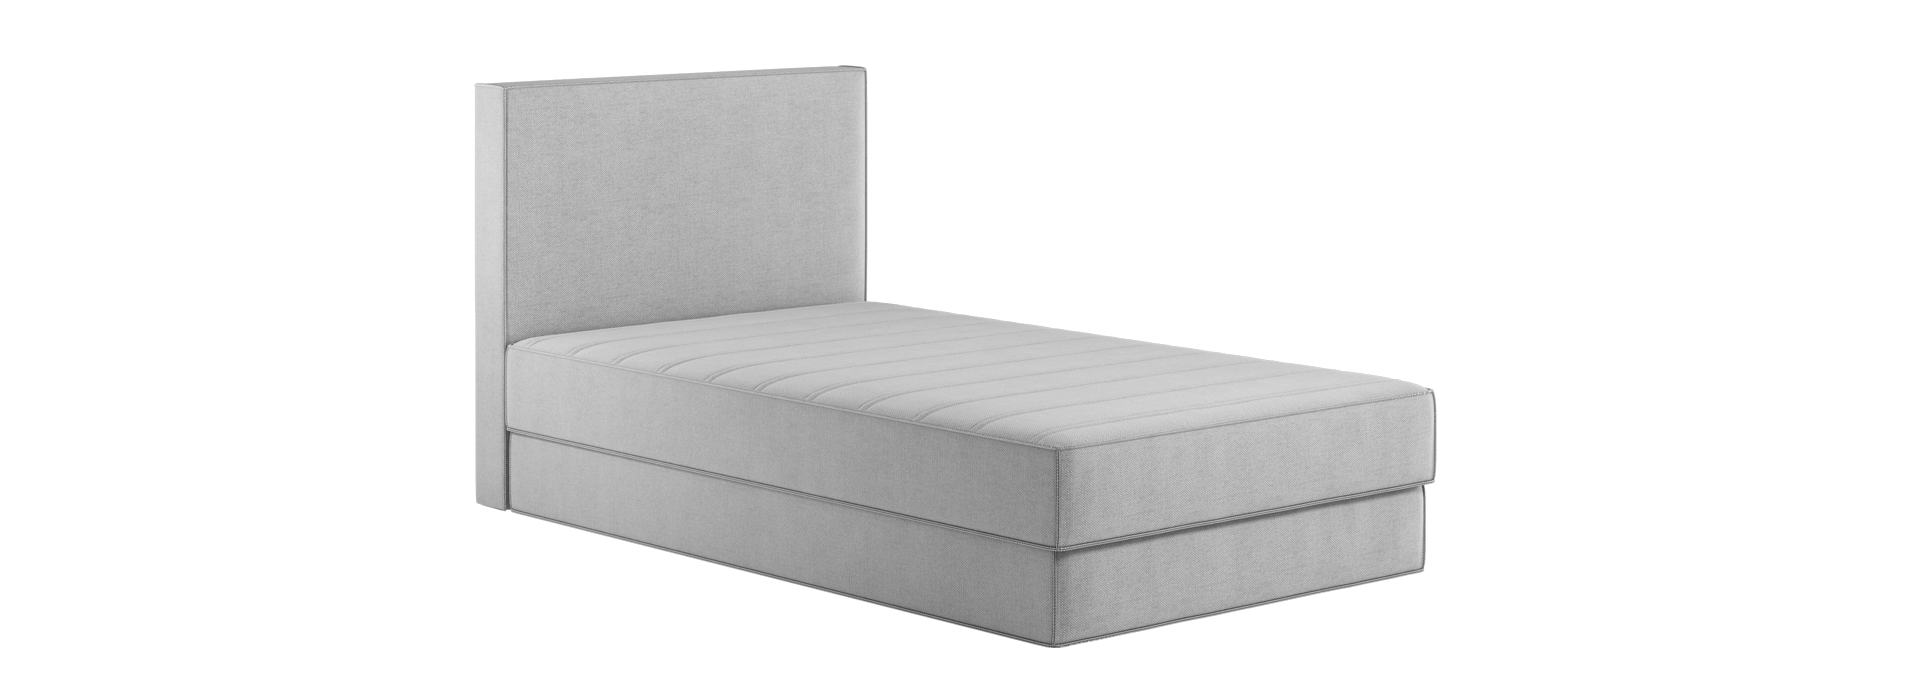 Лина 1.2 кровать с подъемником - маска 8